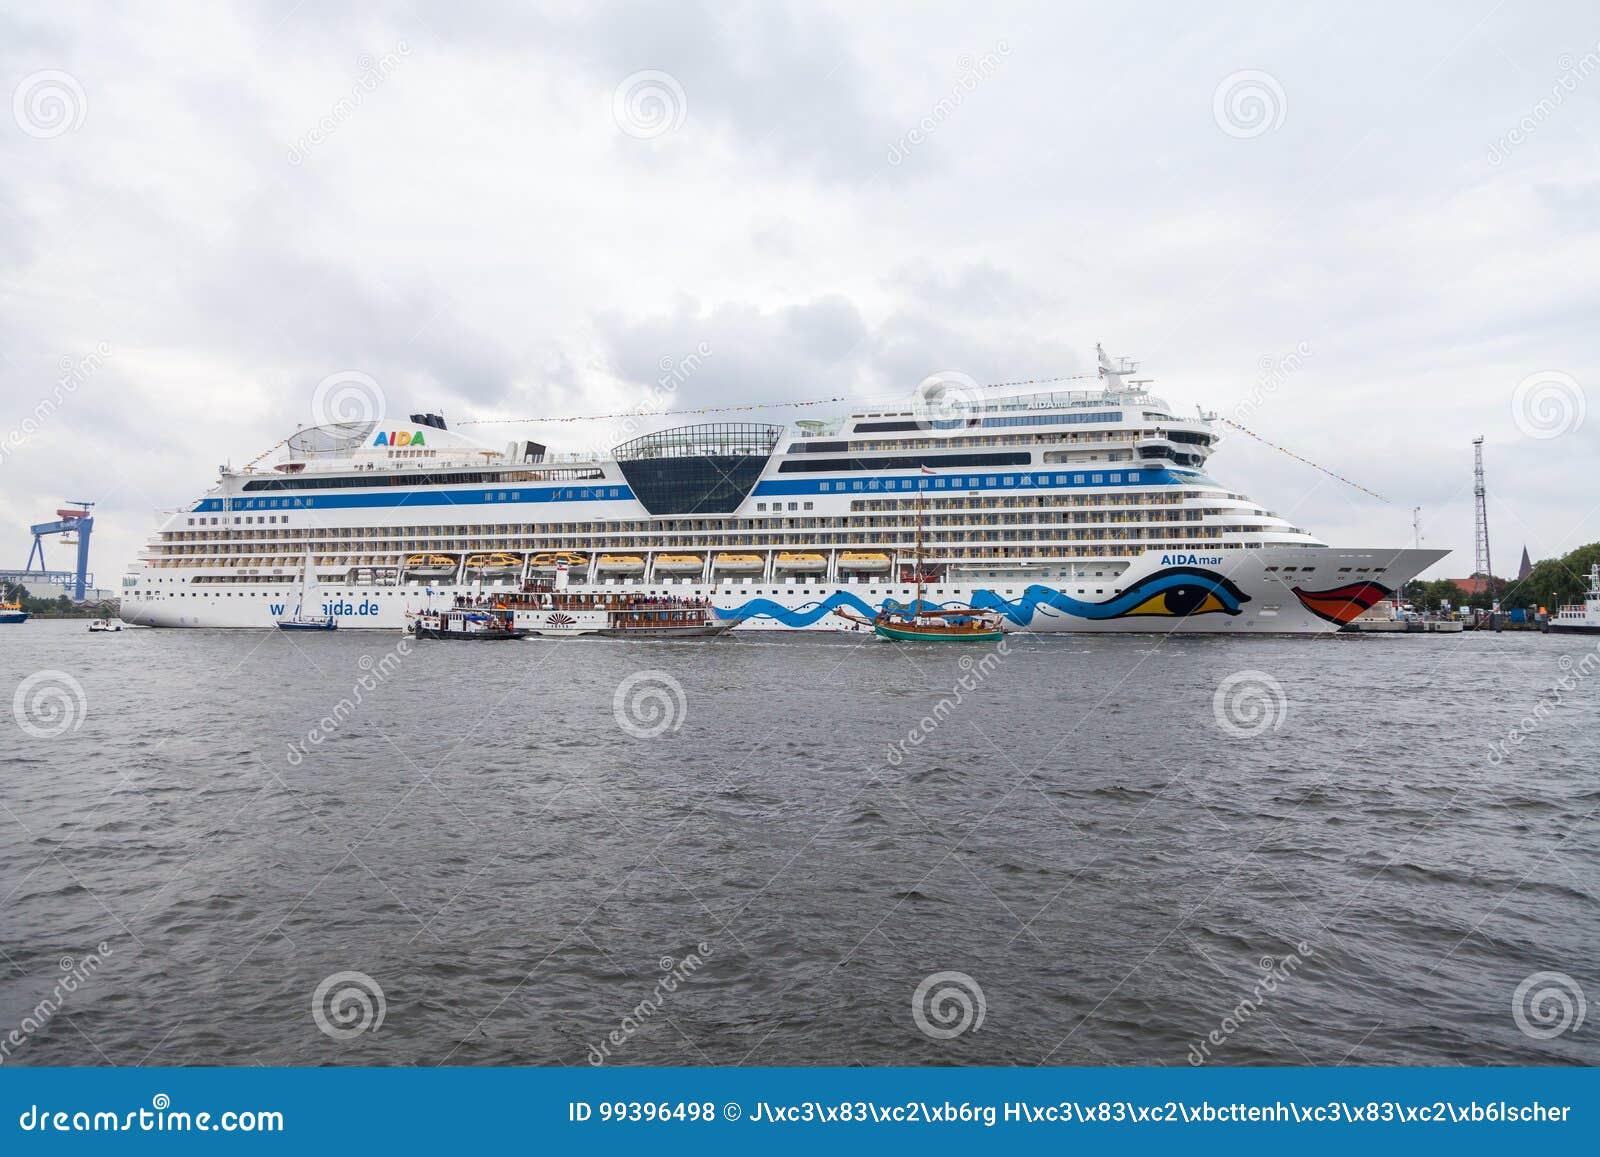 AIDA mar lies on harbour at public event hanse sail